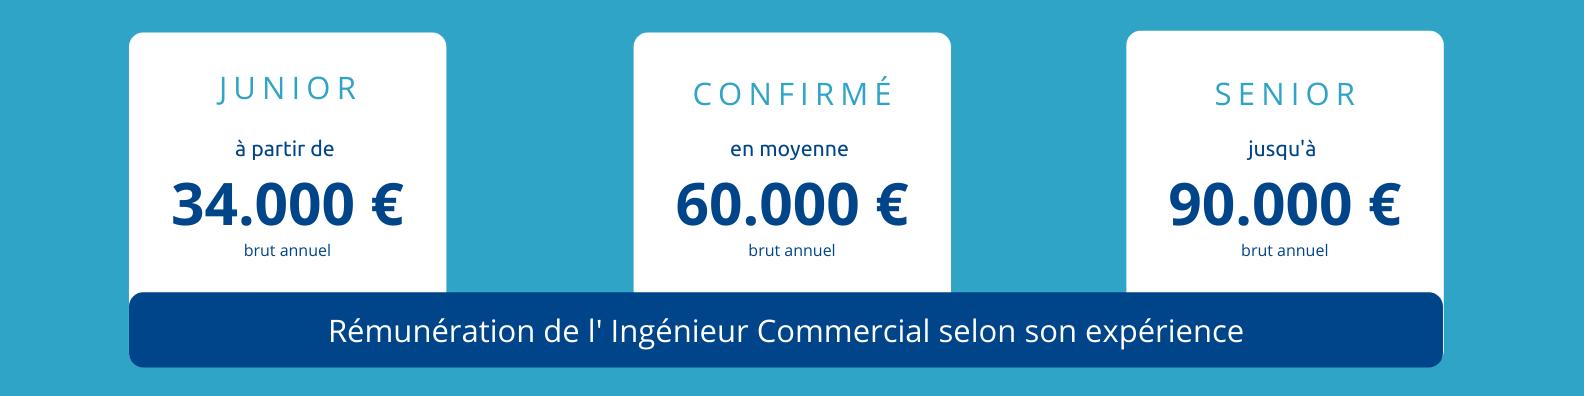 euridis-ecole-de-commerce-vente-marketing-page-metier-ingénieur-commercial-salaire-metiers-du-web